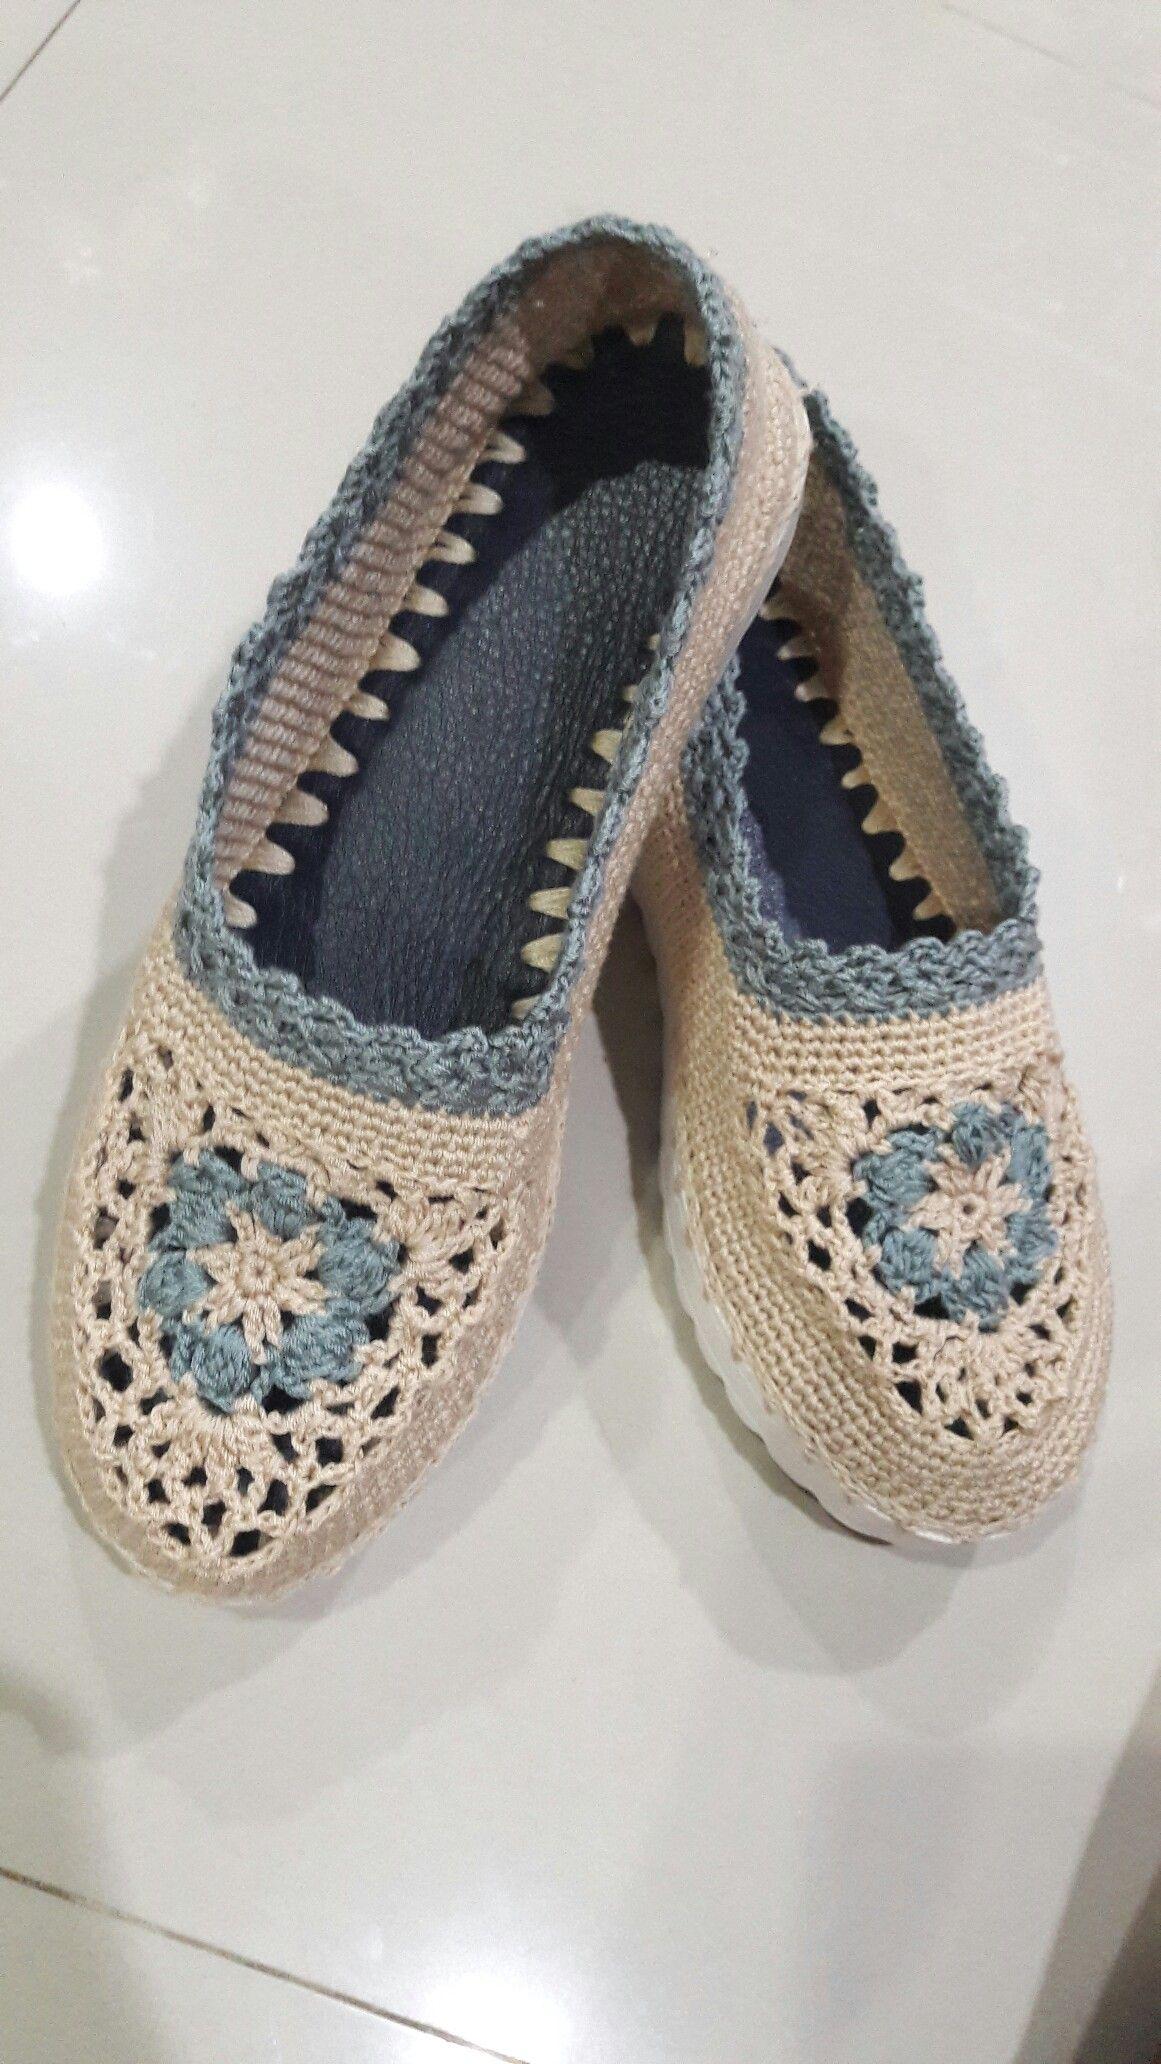 Pin von Graciela Carrasco auf zapatos | Pinterest | Schuhe und Stricken